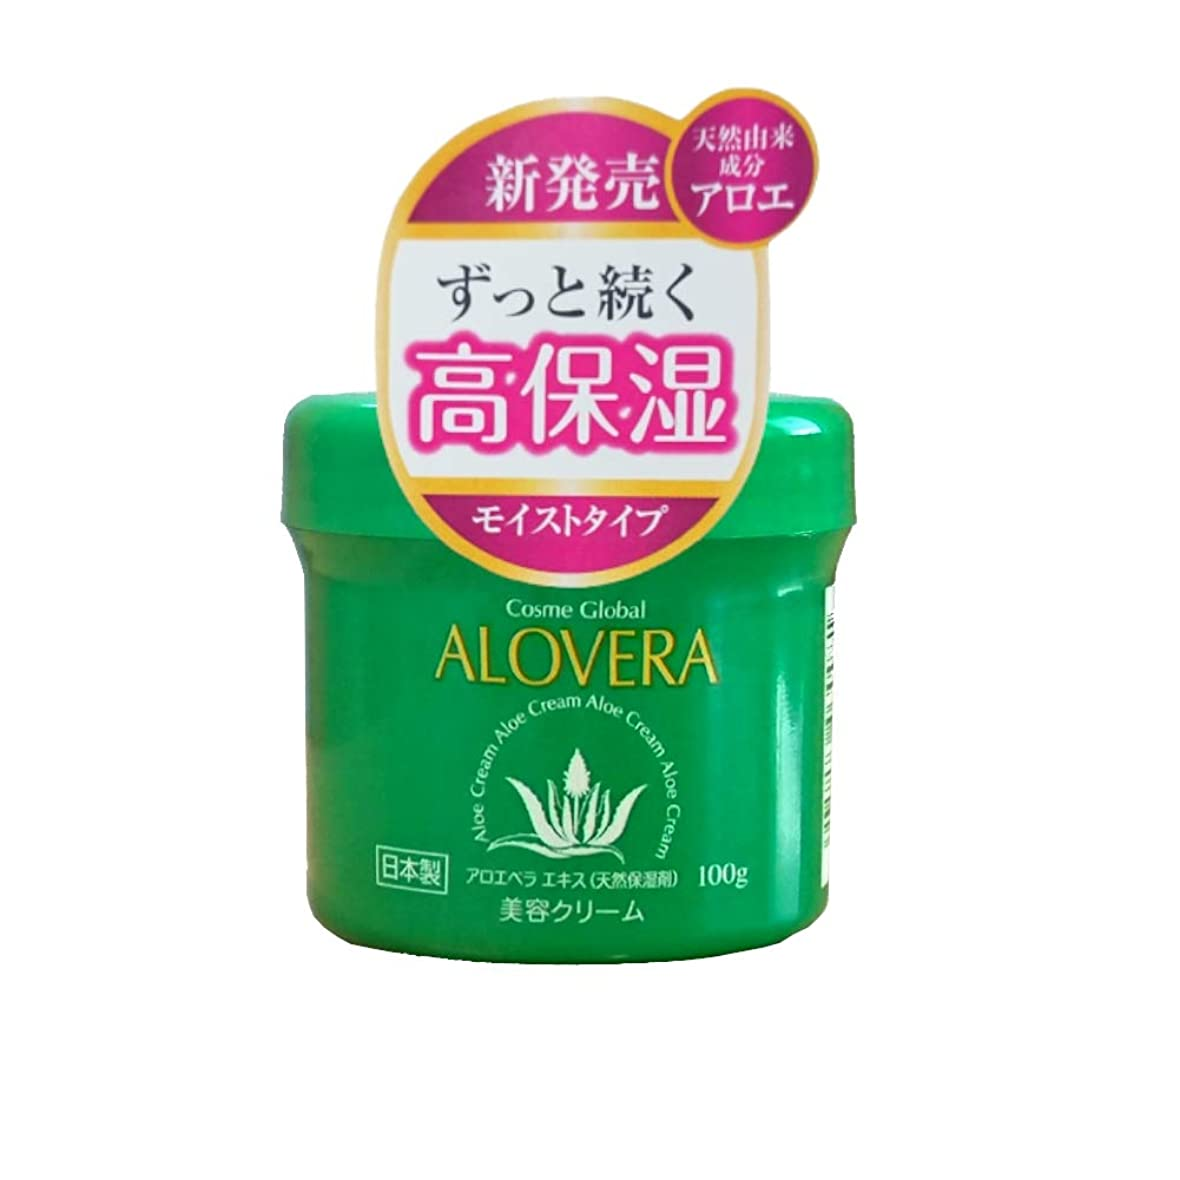 眠り住所印をつけるALOVERA アロベラ アロエベラ葉エキスをたっぷり配合 日本製 高保湿スキンケア 顔?全身用 (クリーム 100g)